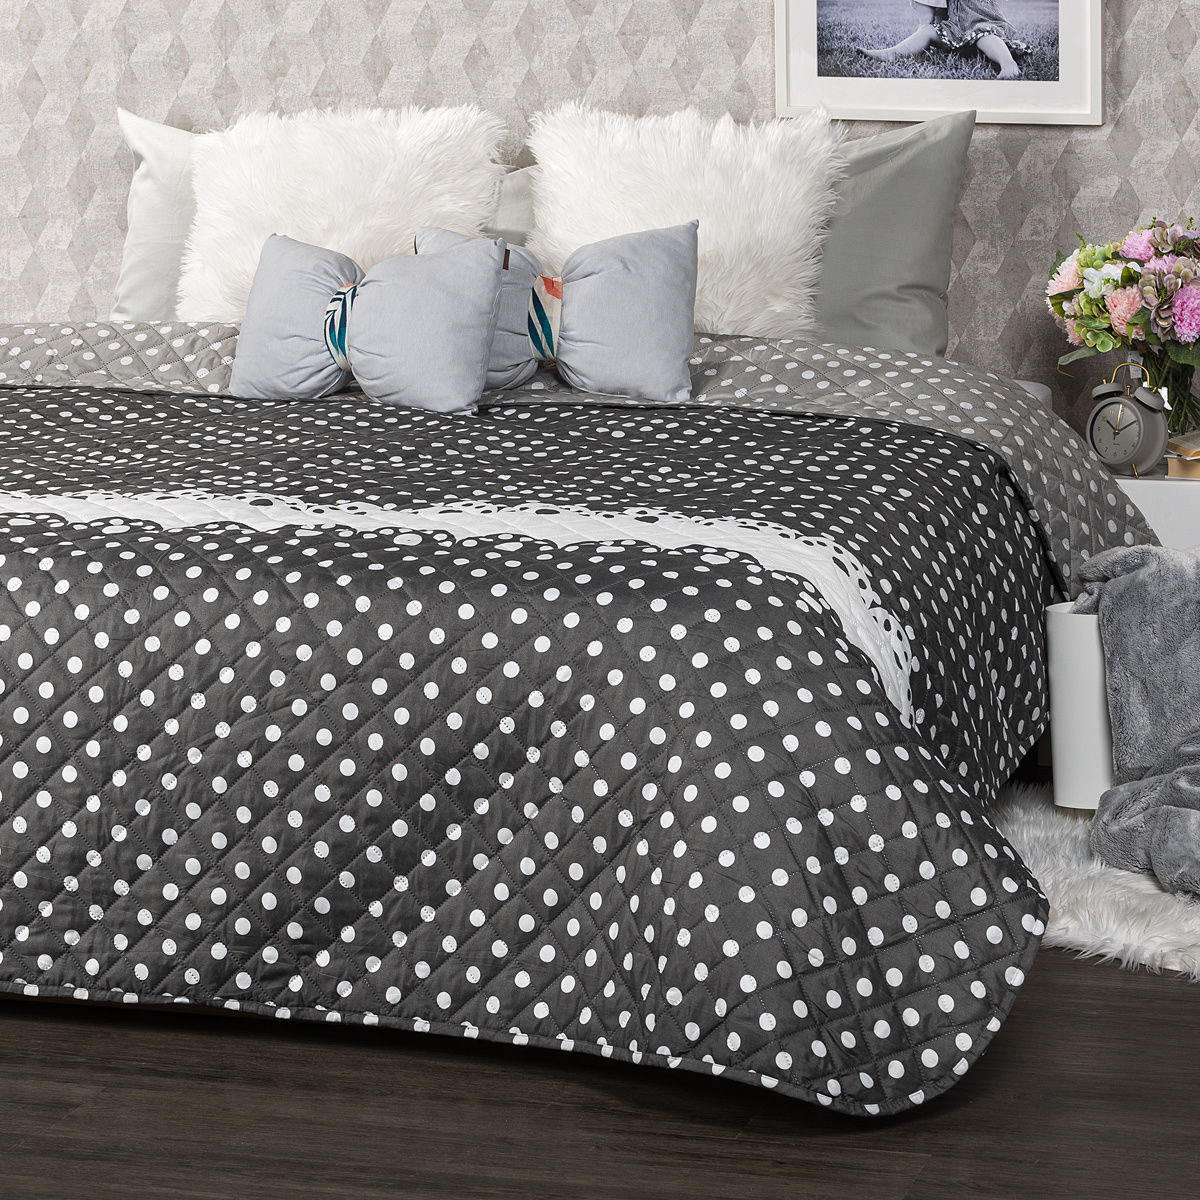 4Home Narzuta na łóżko Dots, 220 x 240 cm